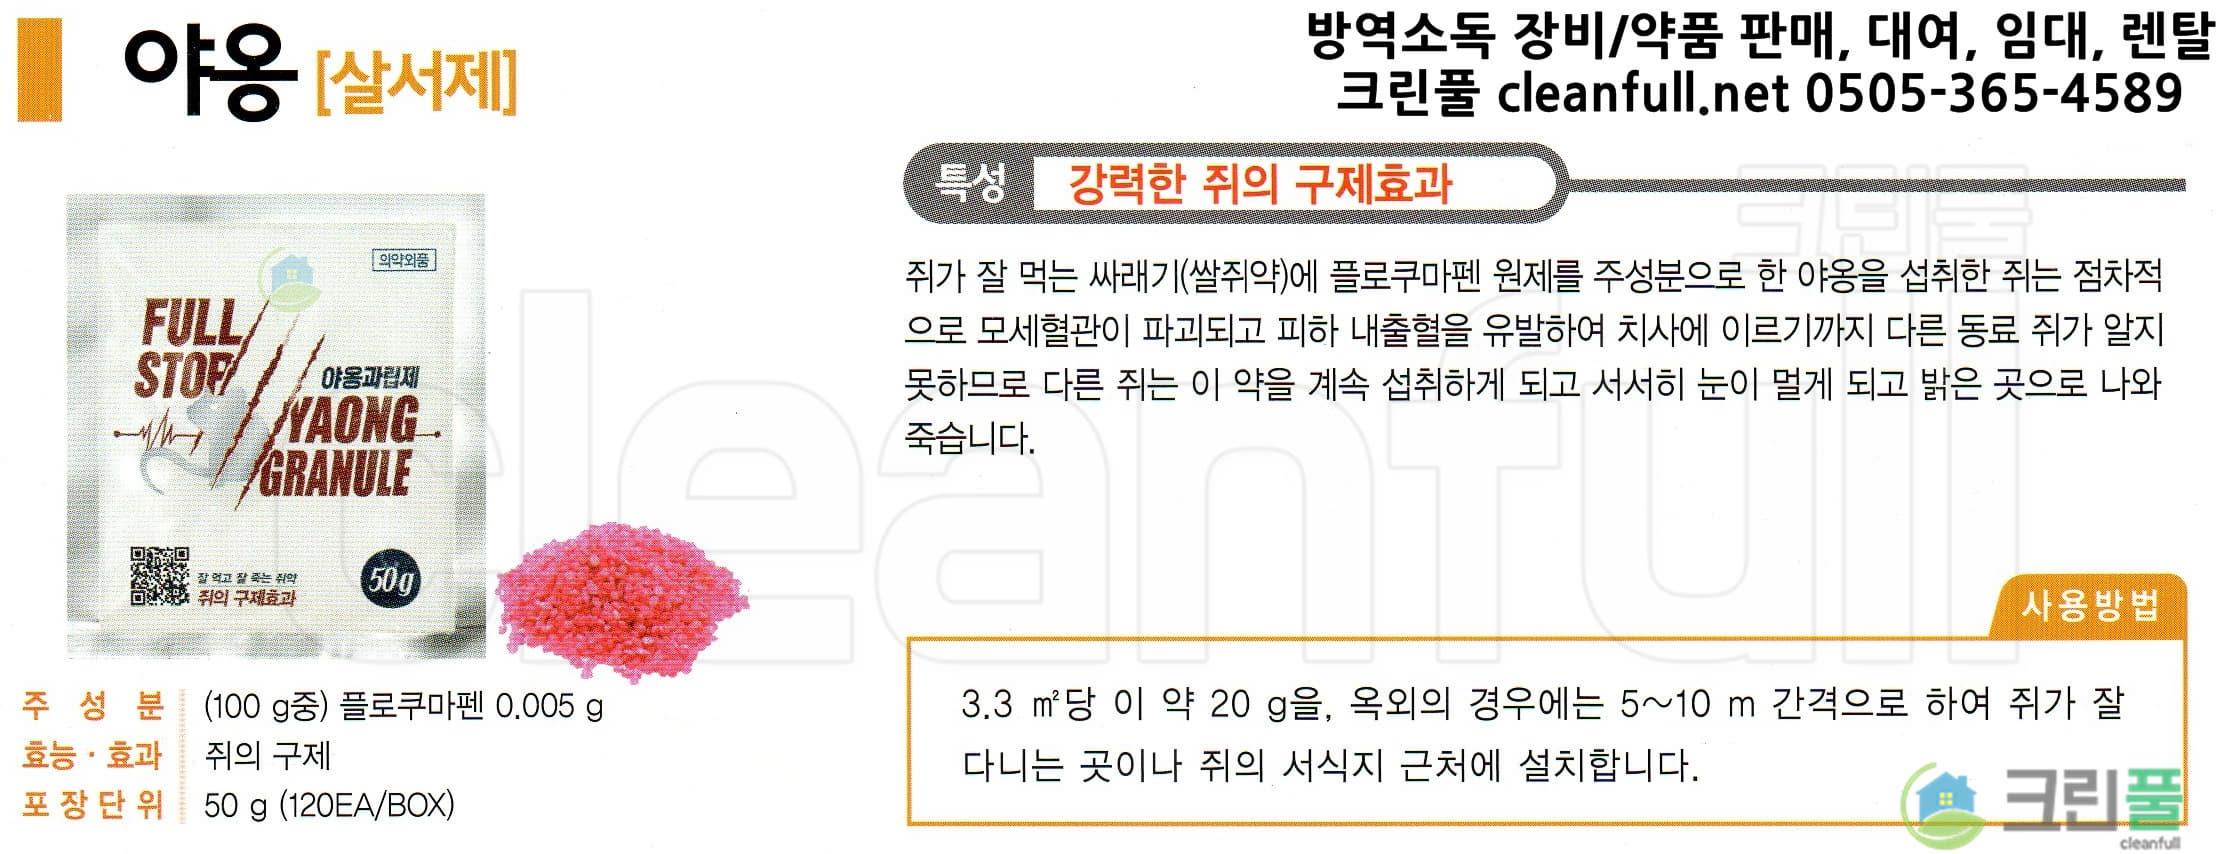 [카탈로그] 야옹플로쿠마펜 50g x 10개 쌀쥐약 만성 항혈액 응고성 살서제